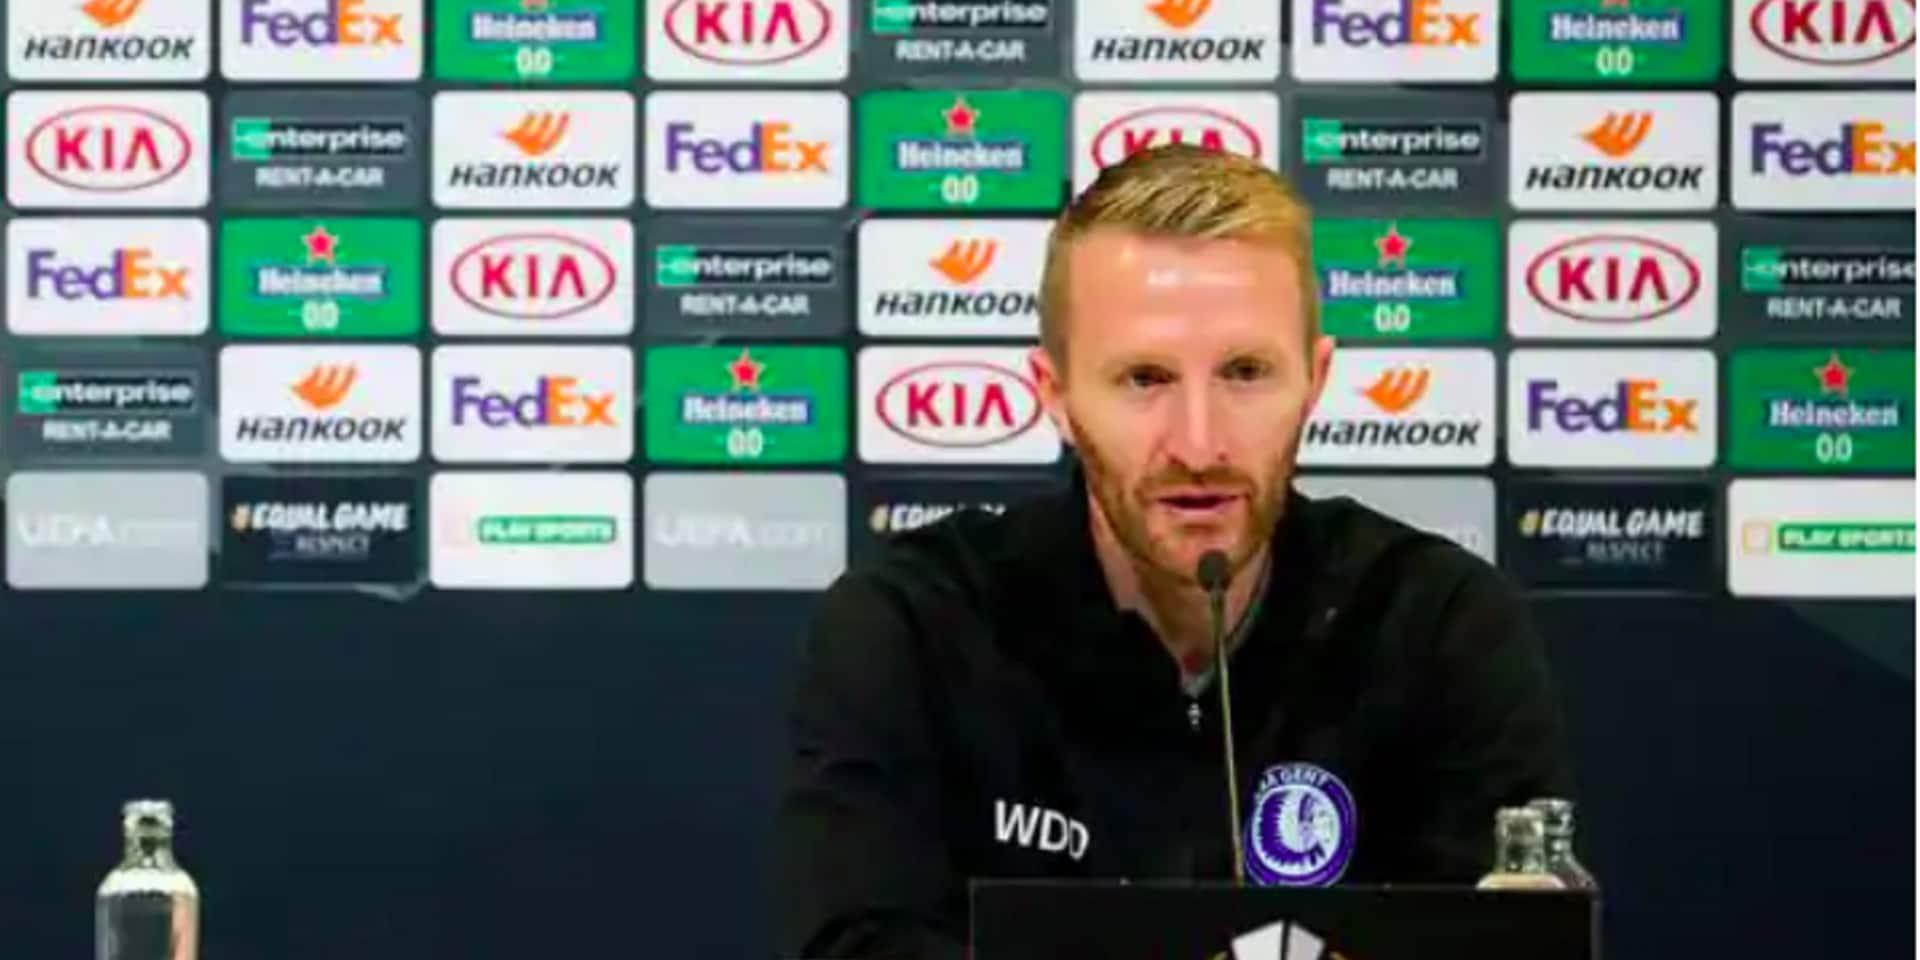 Wim de Decker, entraîneur de La Gantoise, positif au Covid-19: il ne se rendra pas à Belgrade